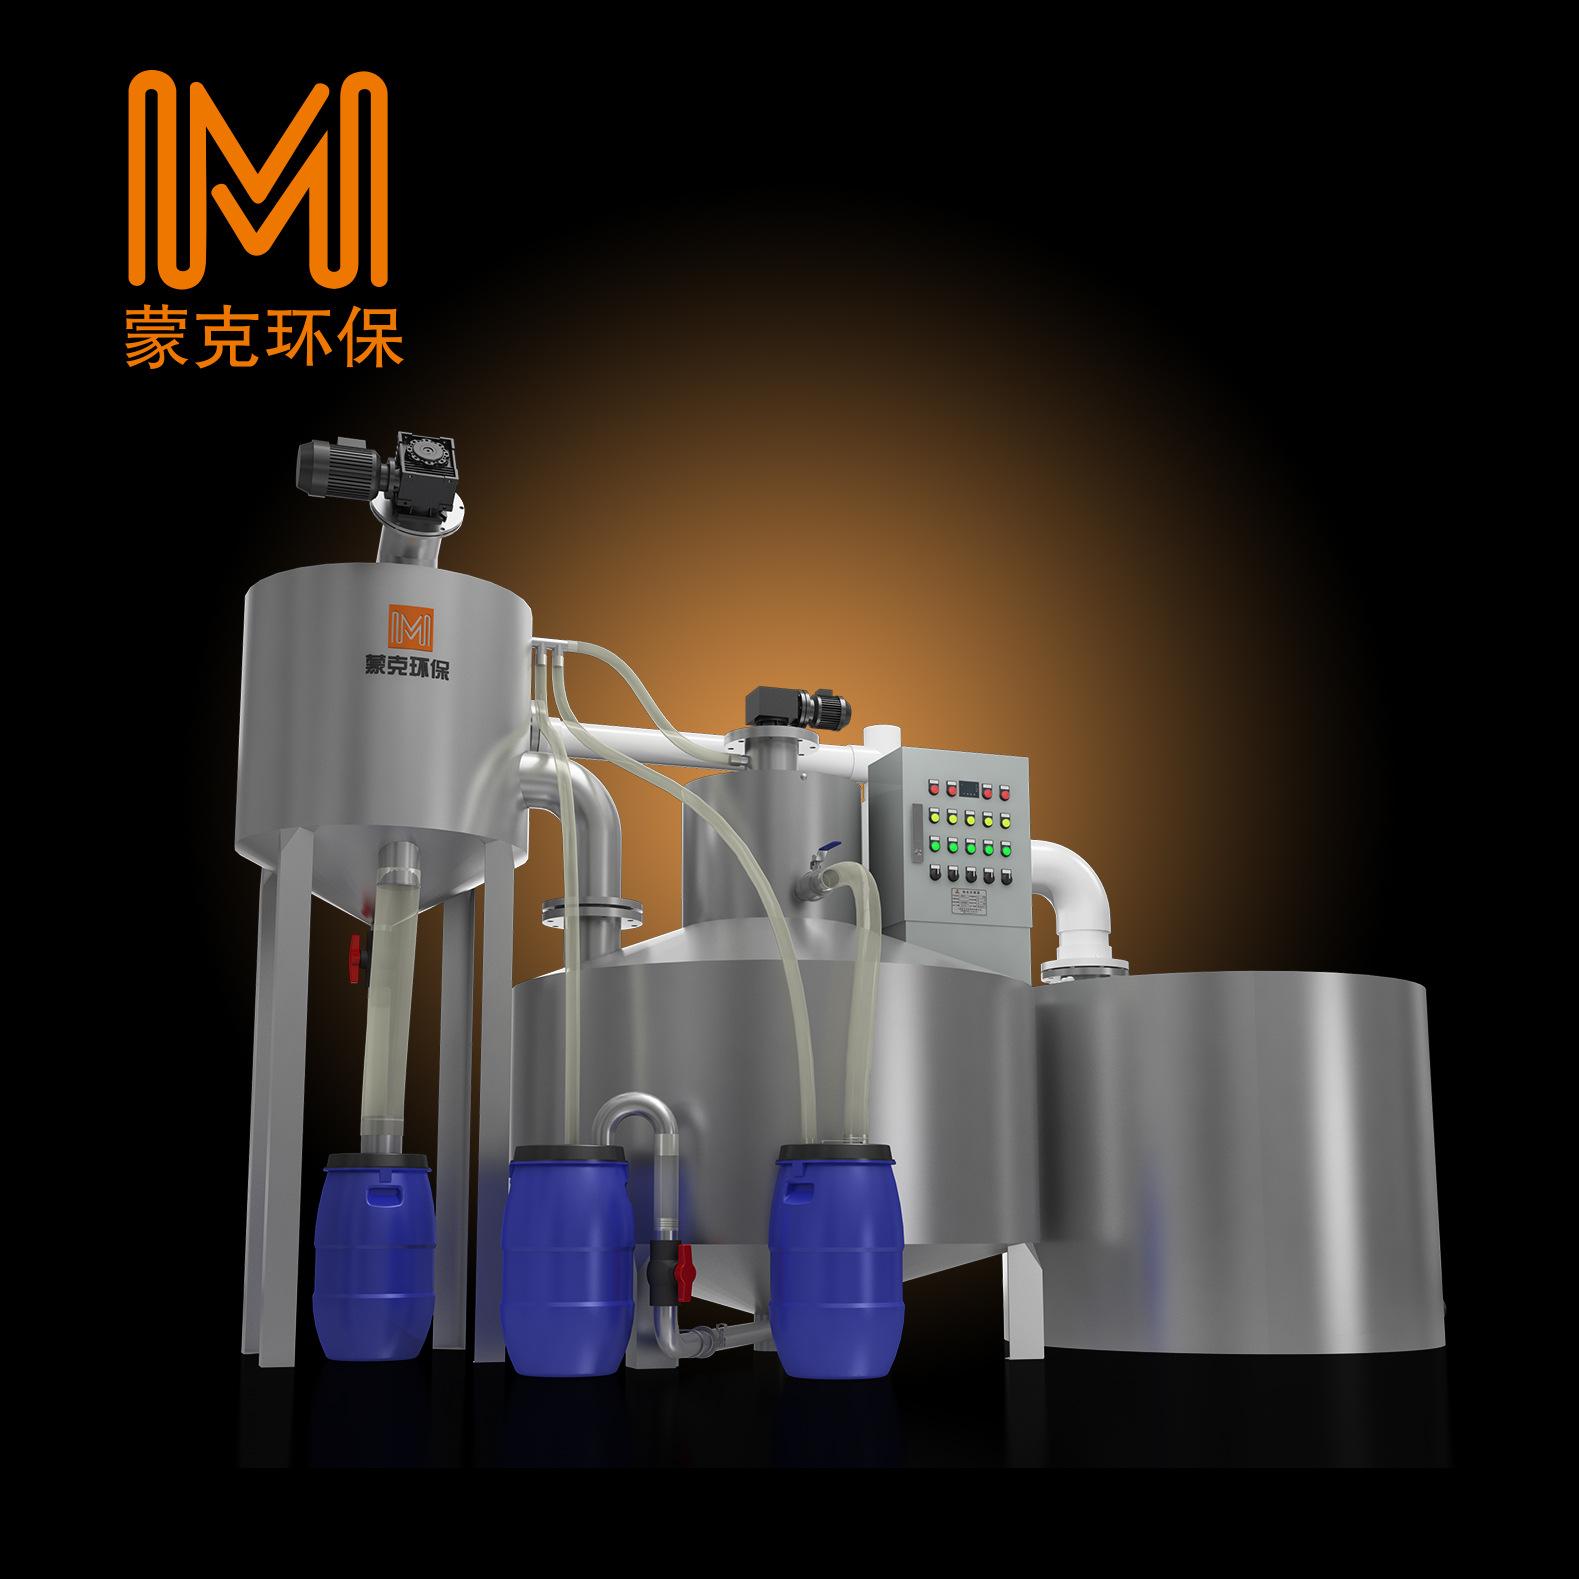 上海诚招酒店油水分离设备代理 油水分离机 详见参数 餐饮油水分离器